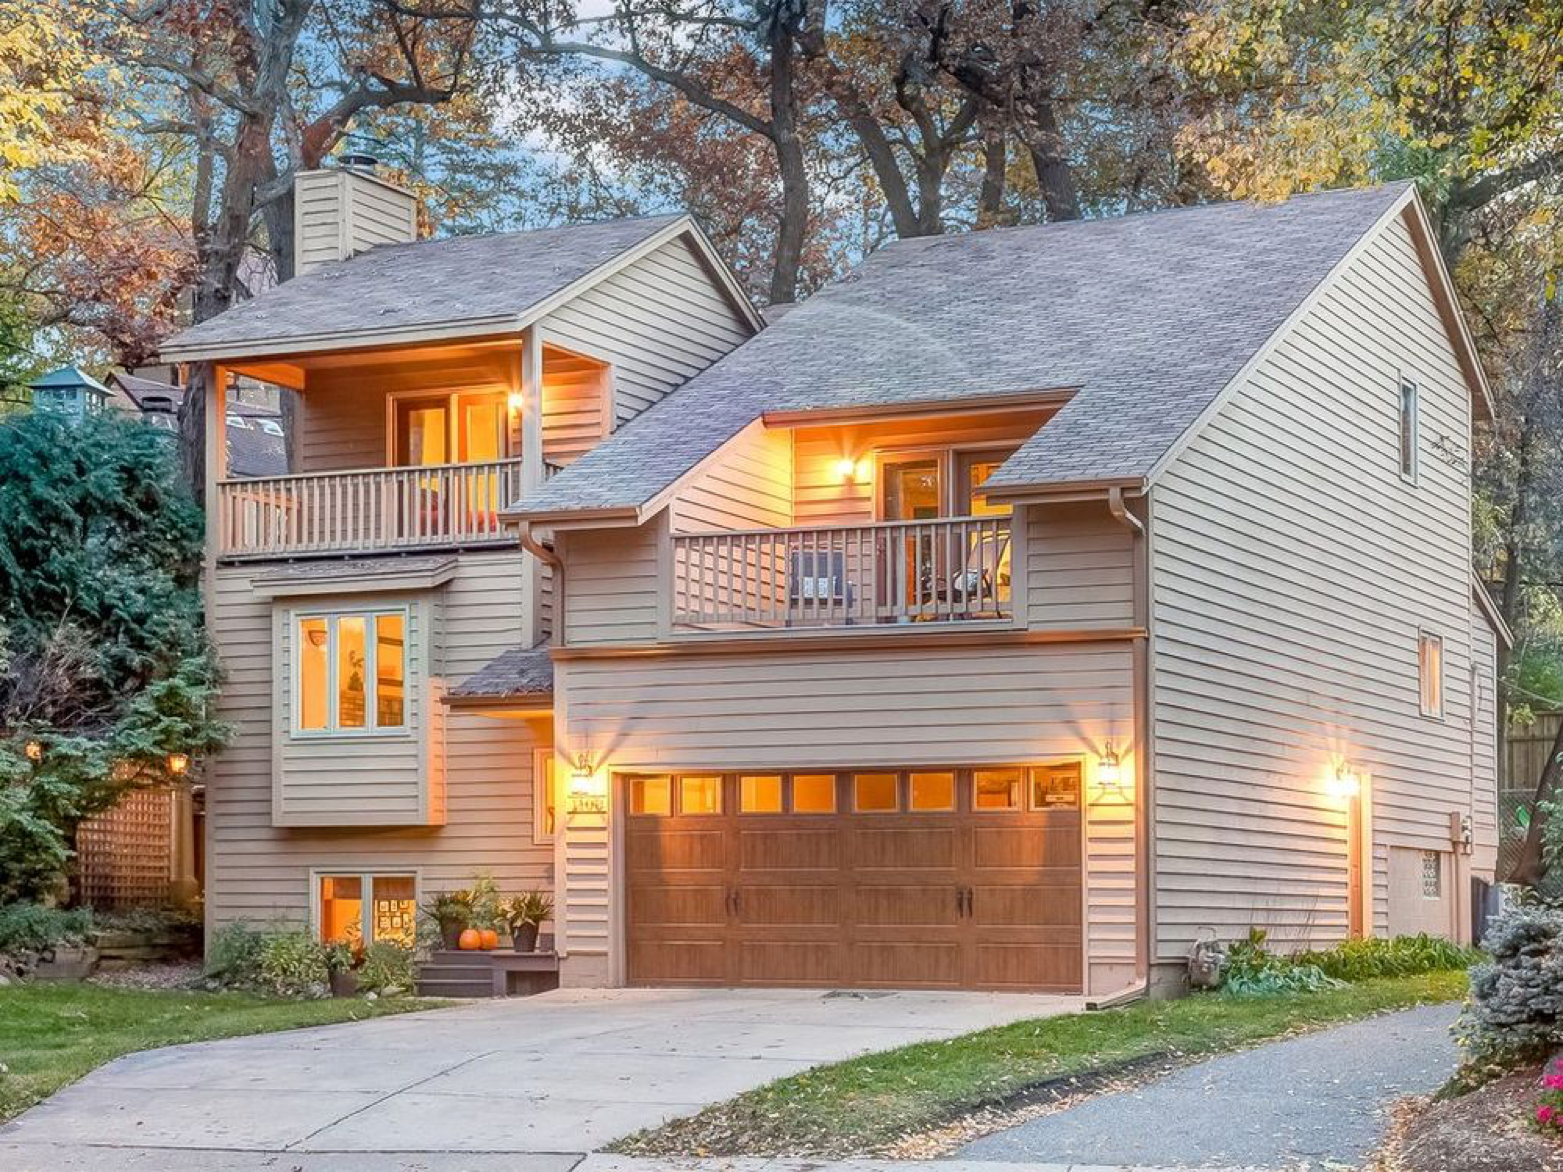 De un estudio a una mansión: qué comprar con 500.000 dólares en las ...